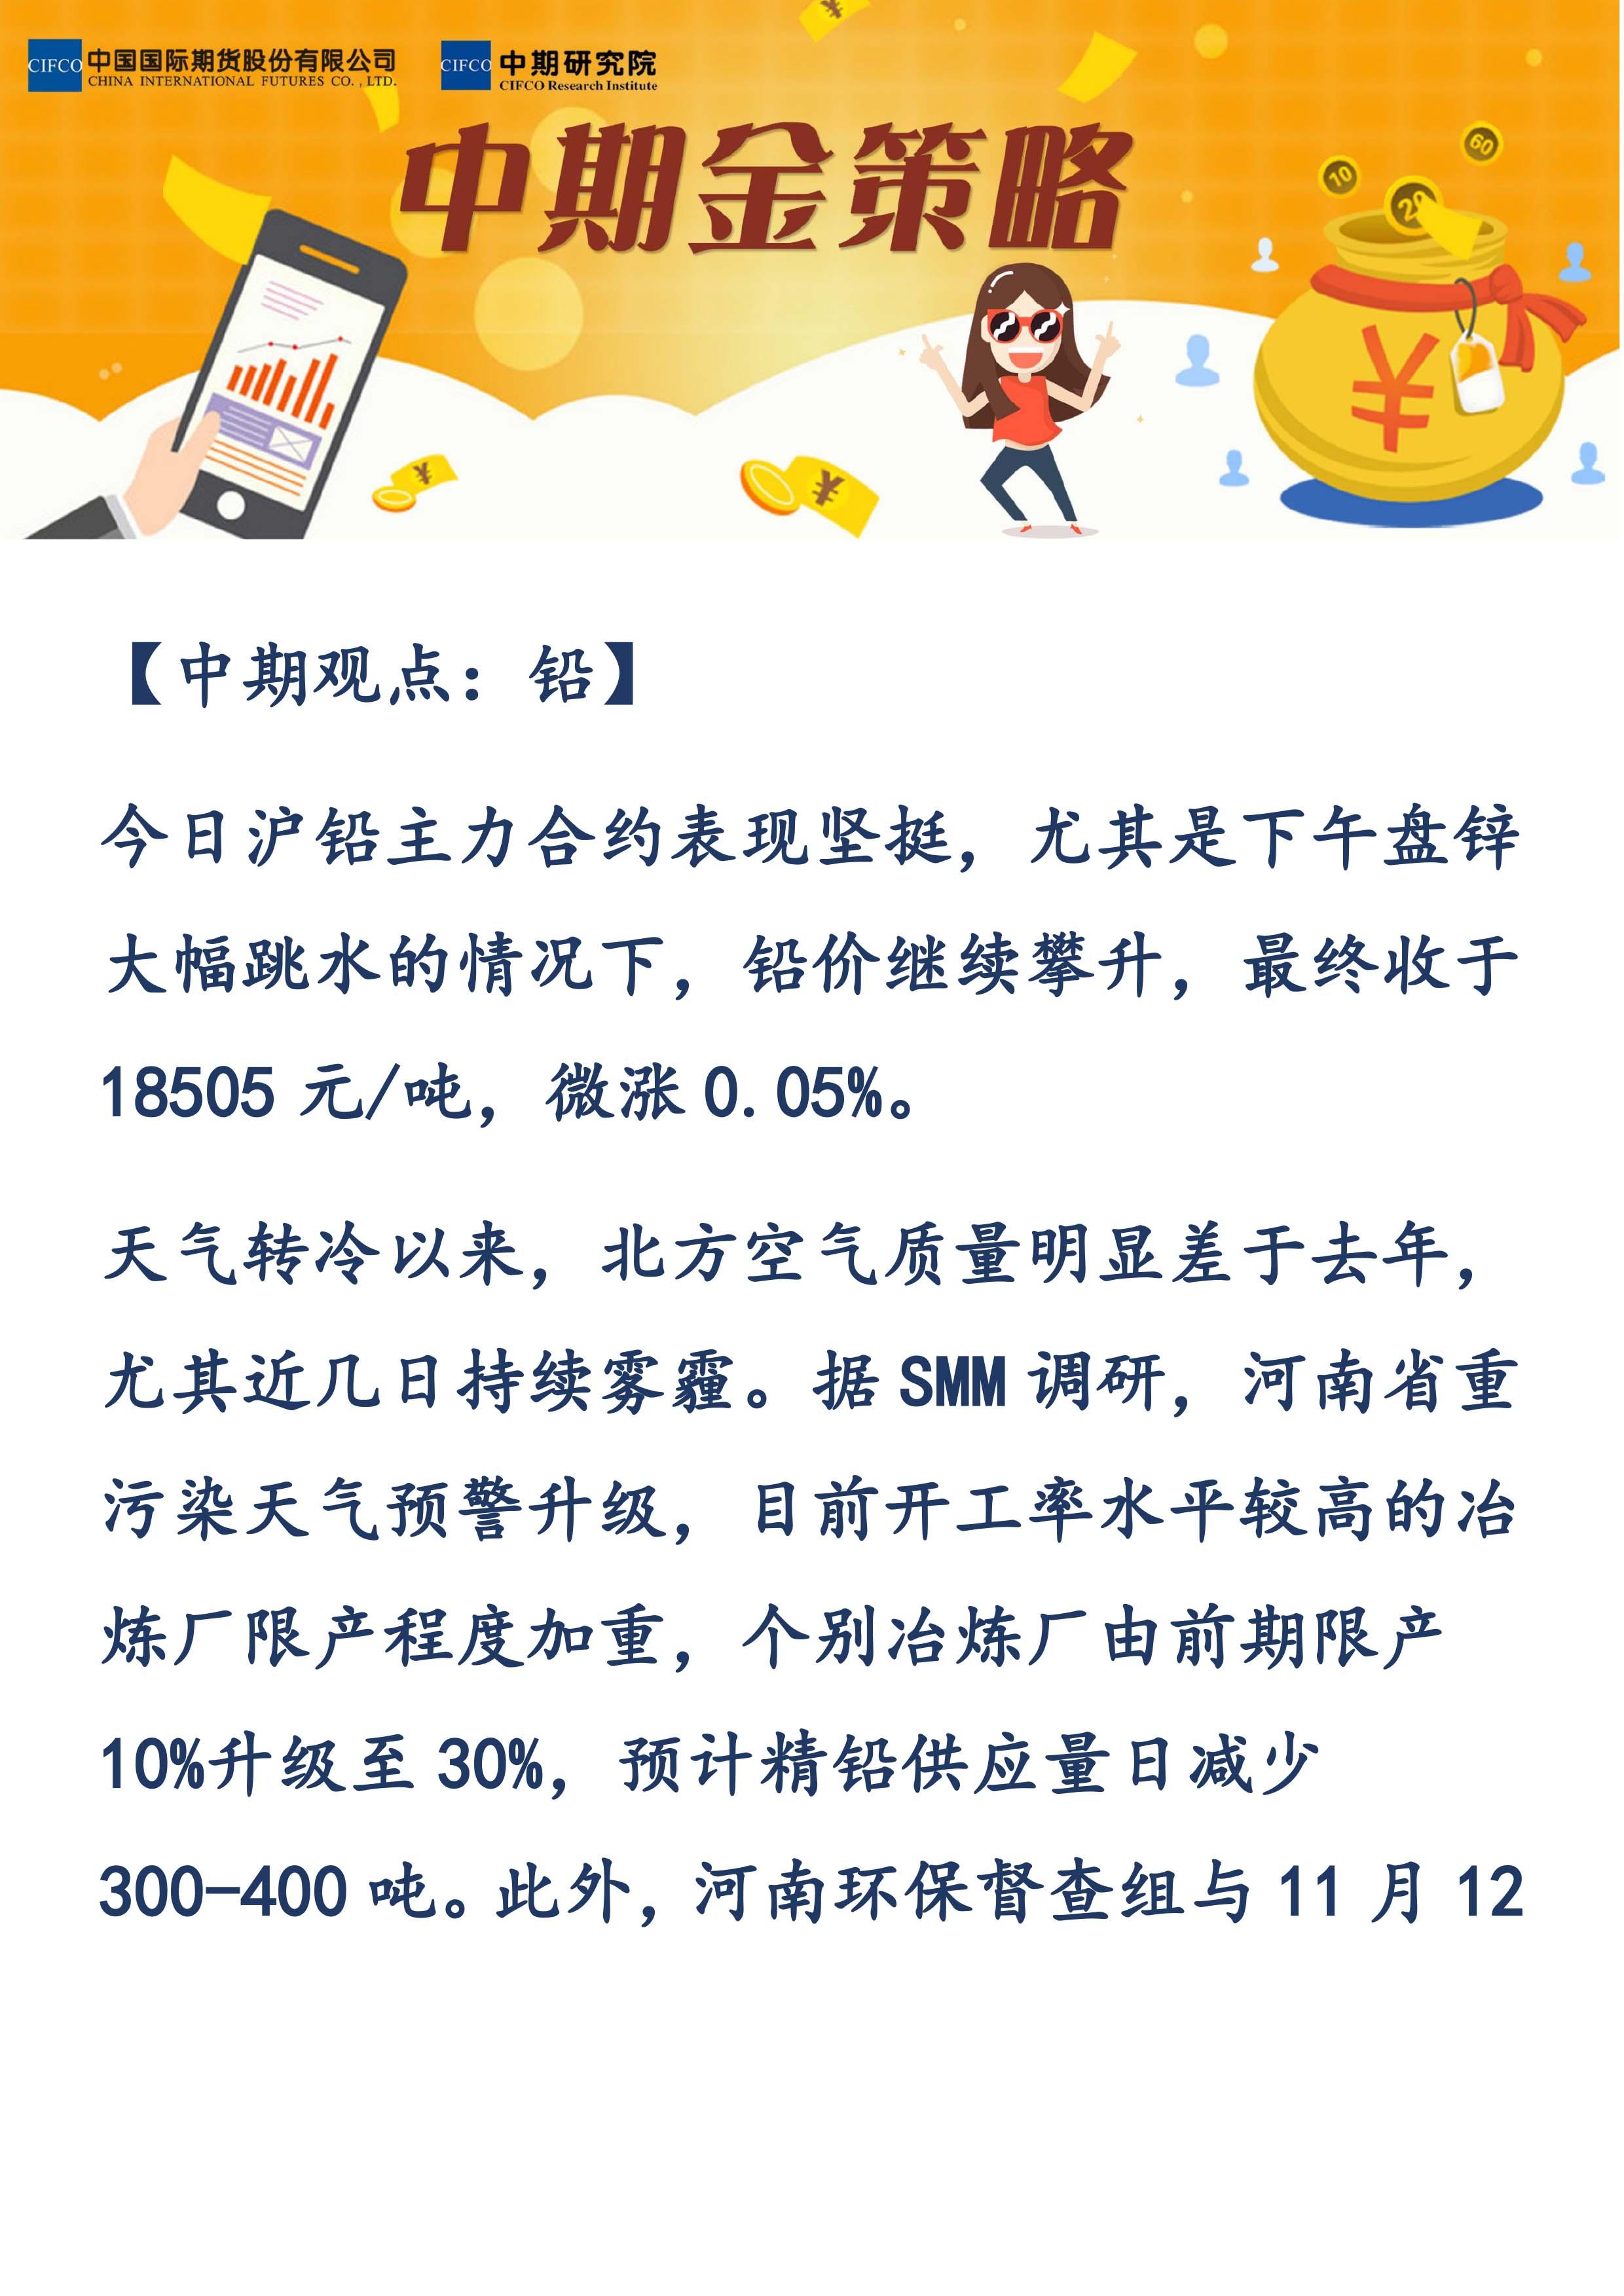 易胜博金策略-有色-20181114-1.jpg